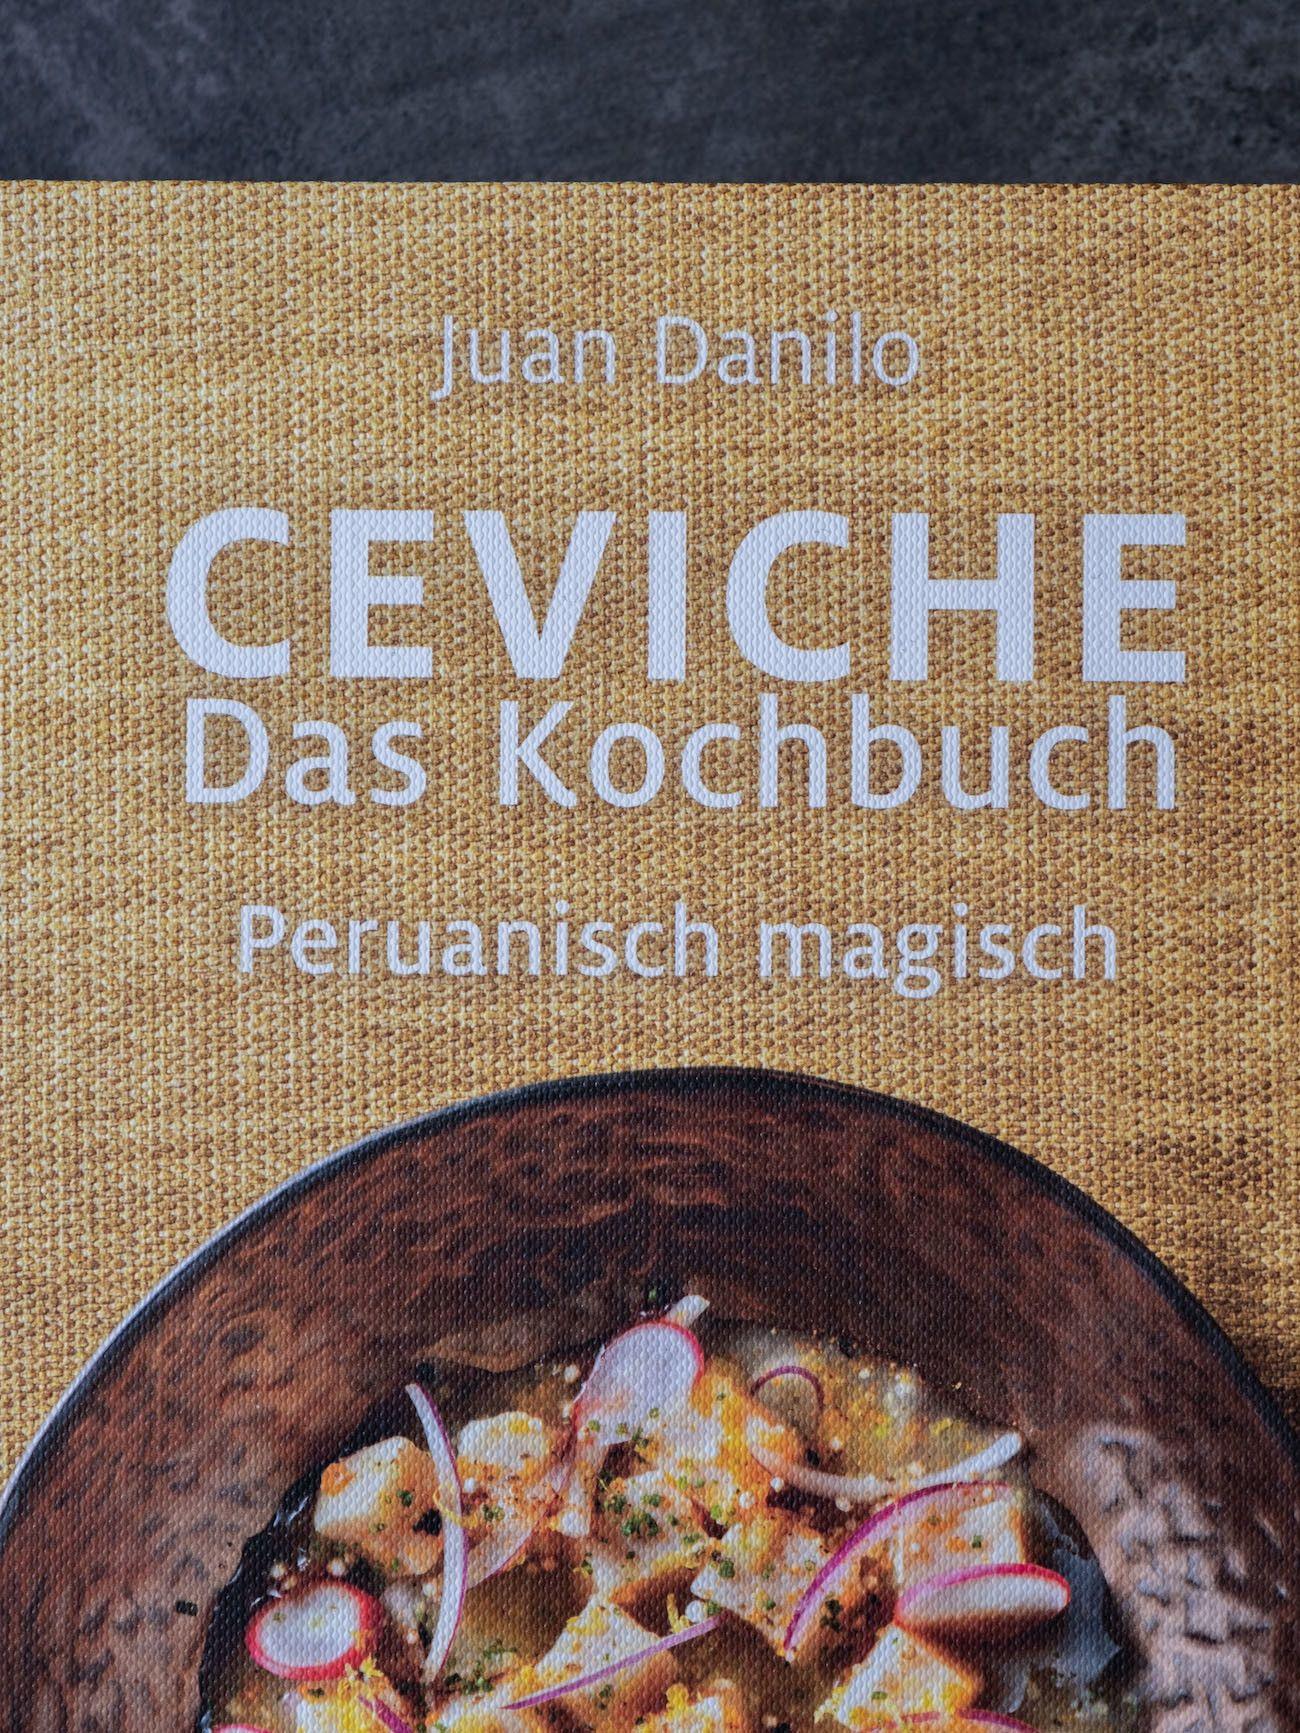 Foodblog, About Fuel, CEVICHE Das Kochbuch, Juan Danilo, Kochbuch, Detail